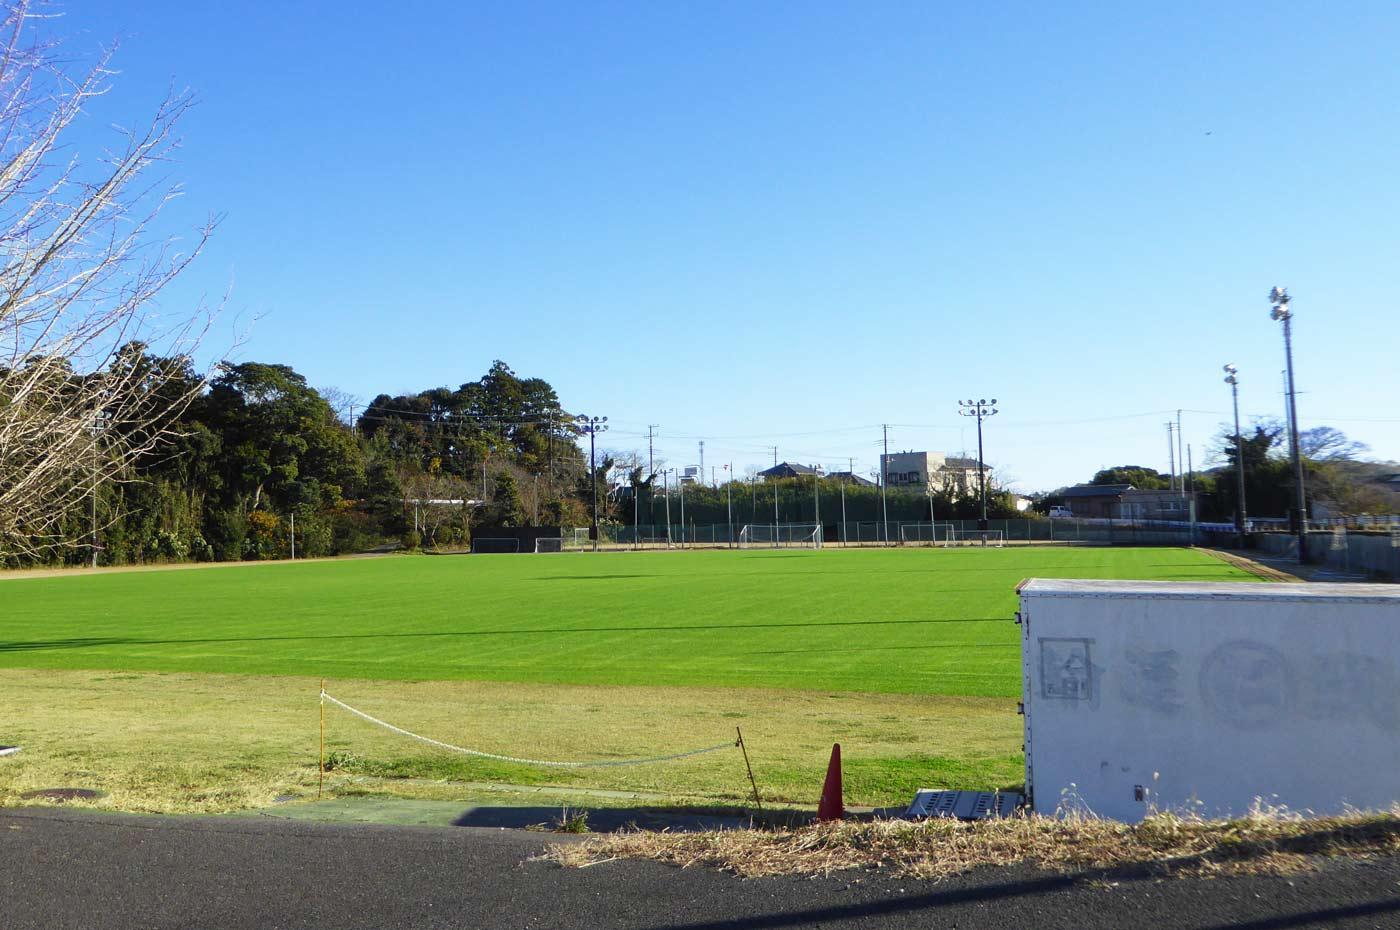 丸山運動公園のサッカー場の画像